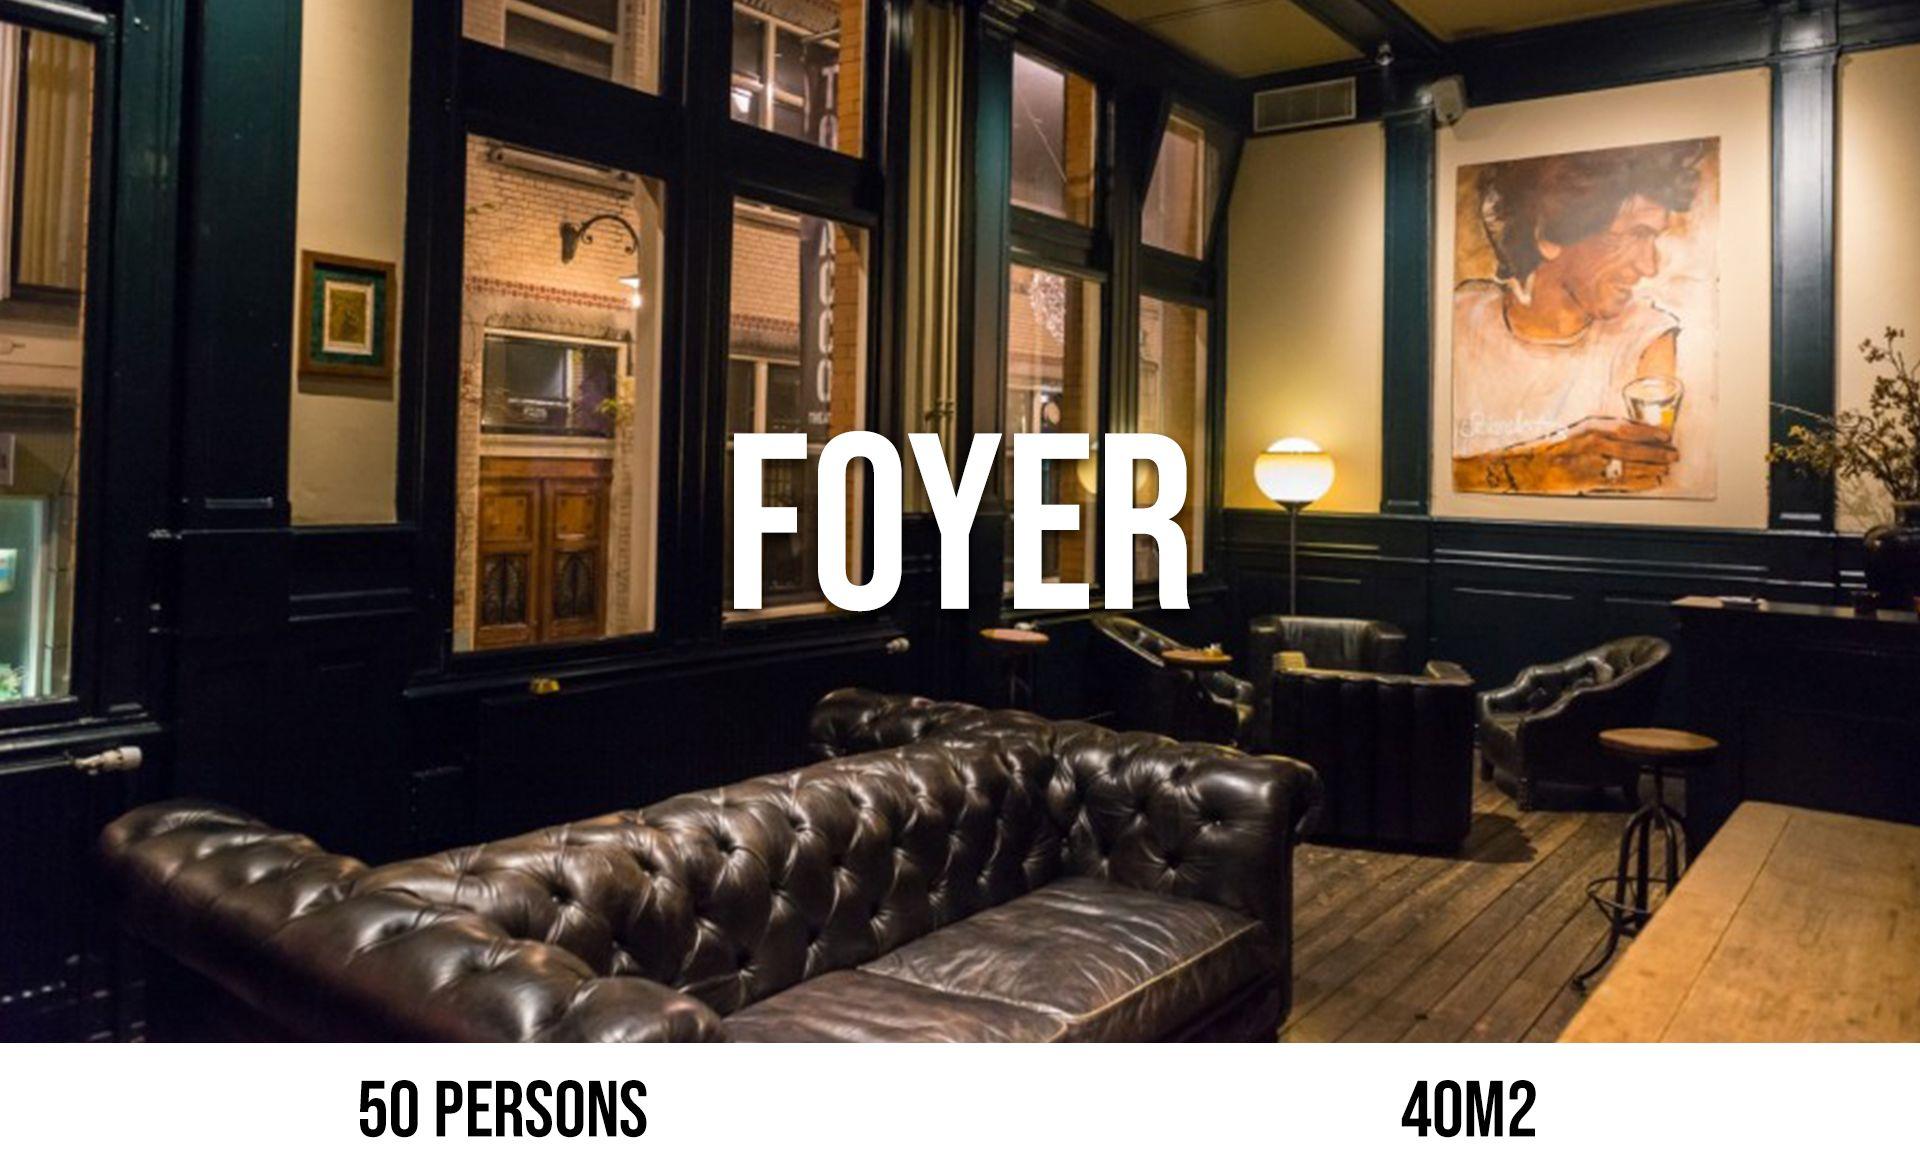 Foyer (maximum 50 persons, area 40 m²)